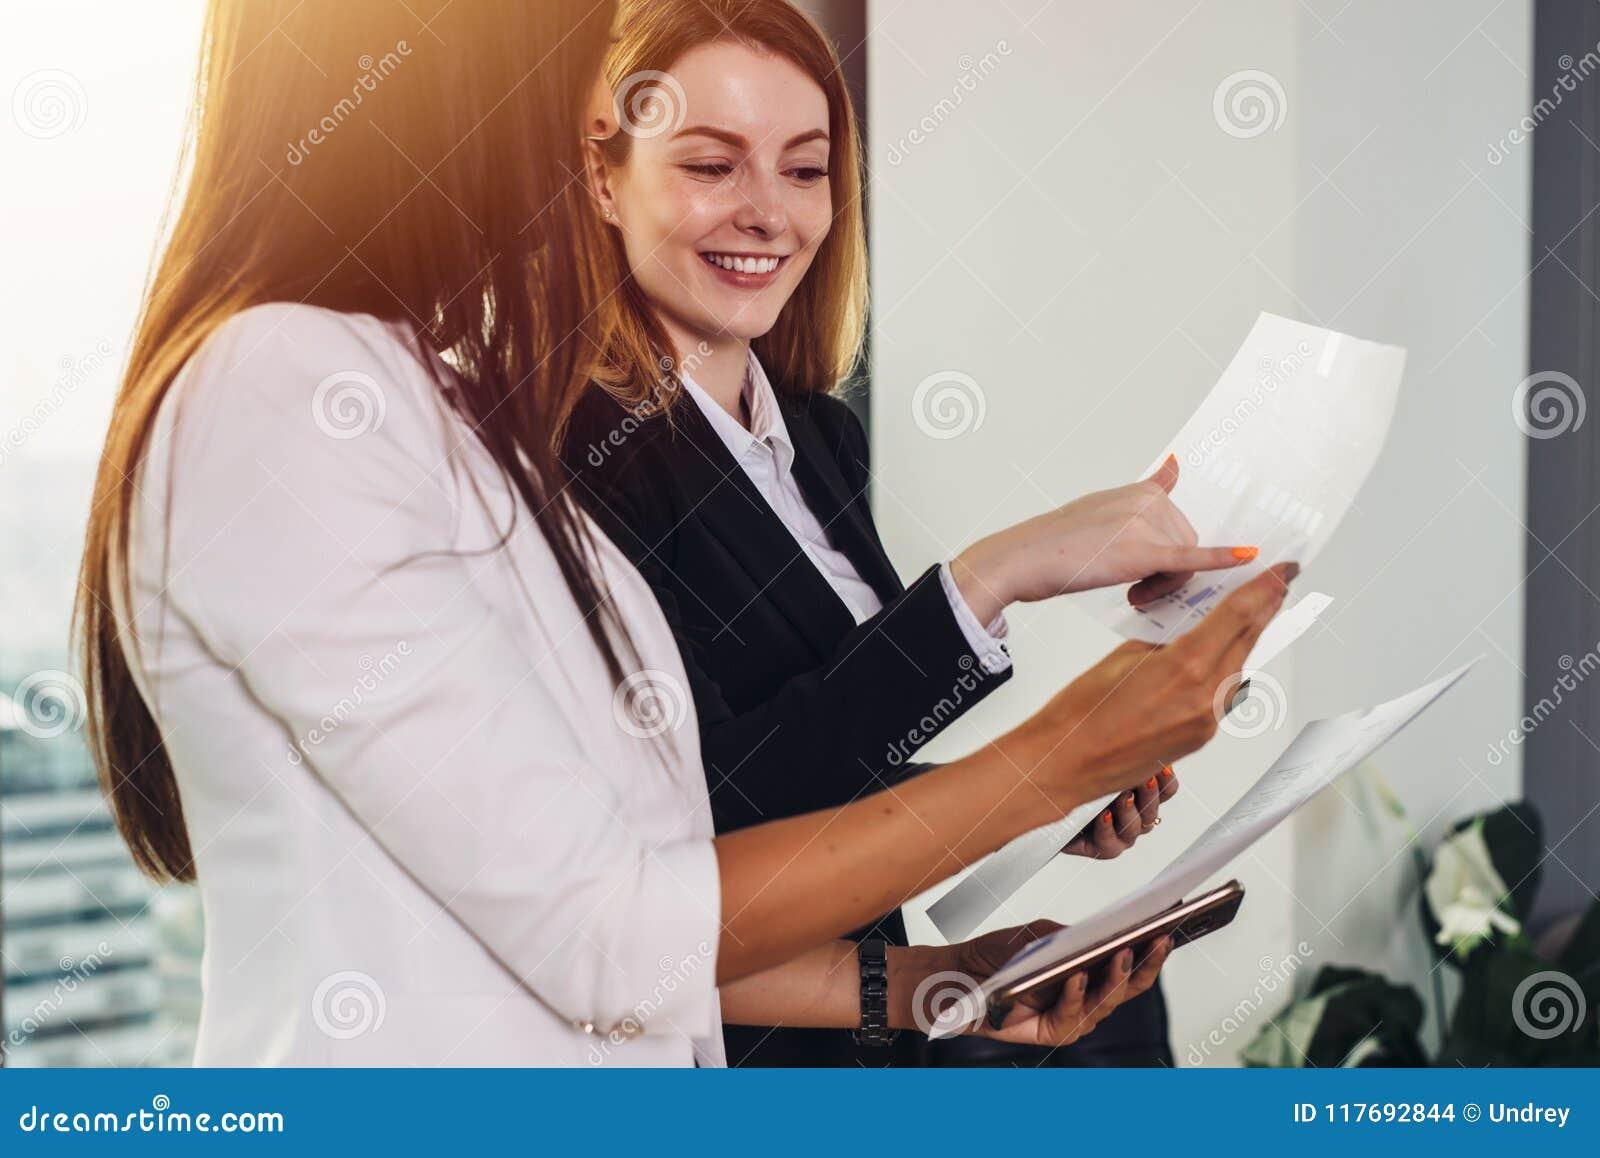 Γυναίκα και τα βοηθητικά έγγραφα εκμετάλλευσής της που συζητούν το επιχειρηματικό σχέδιο και τη στρατηγική στον εργασιακό χώρο